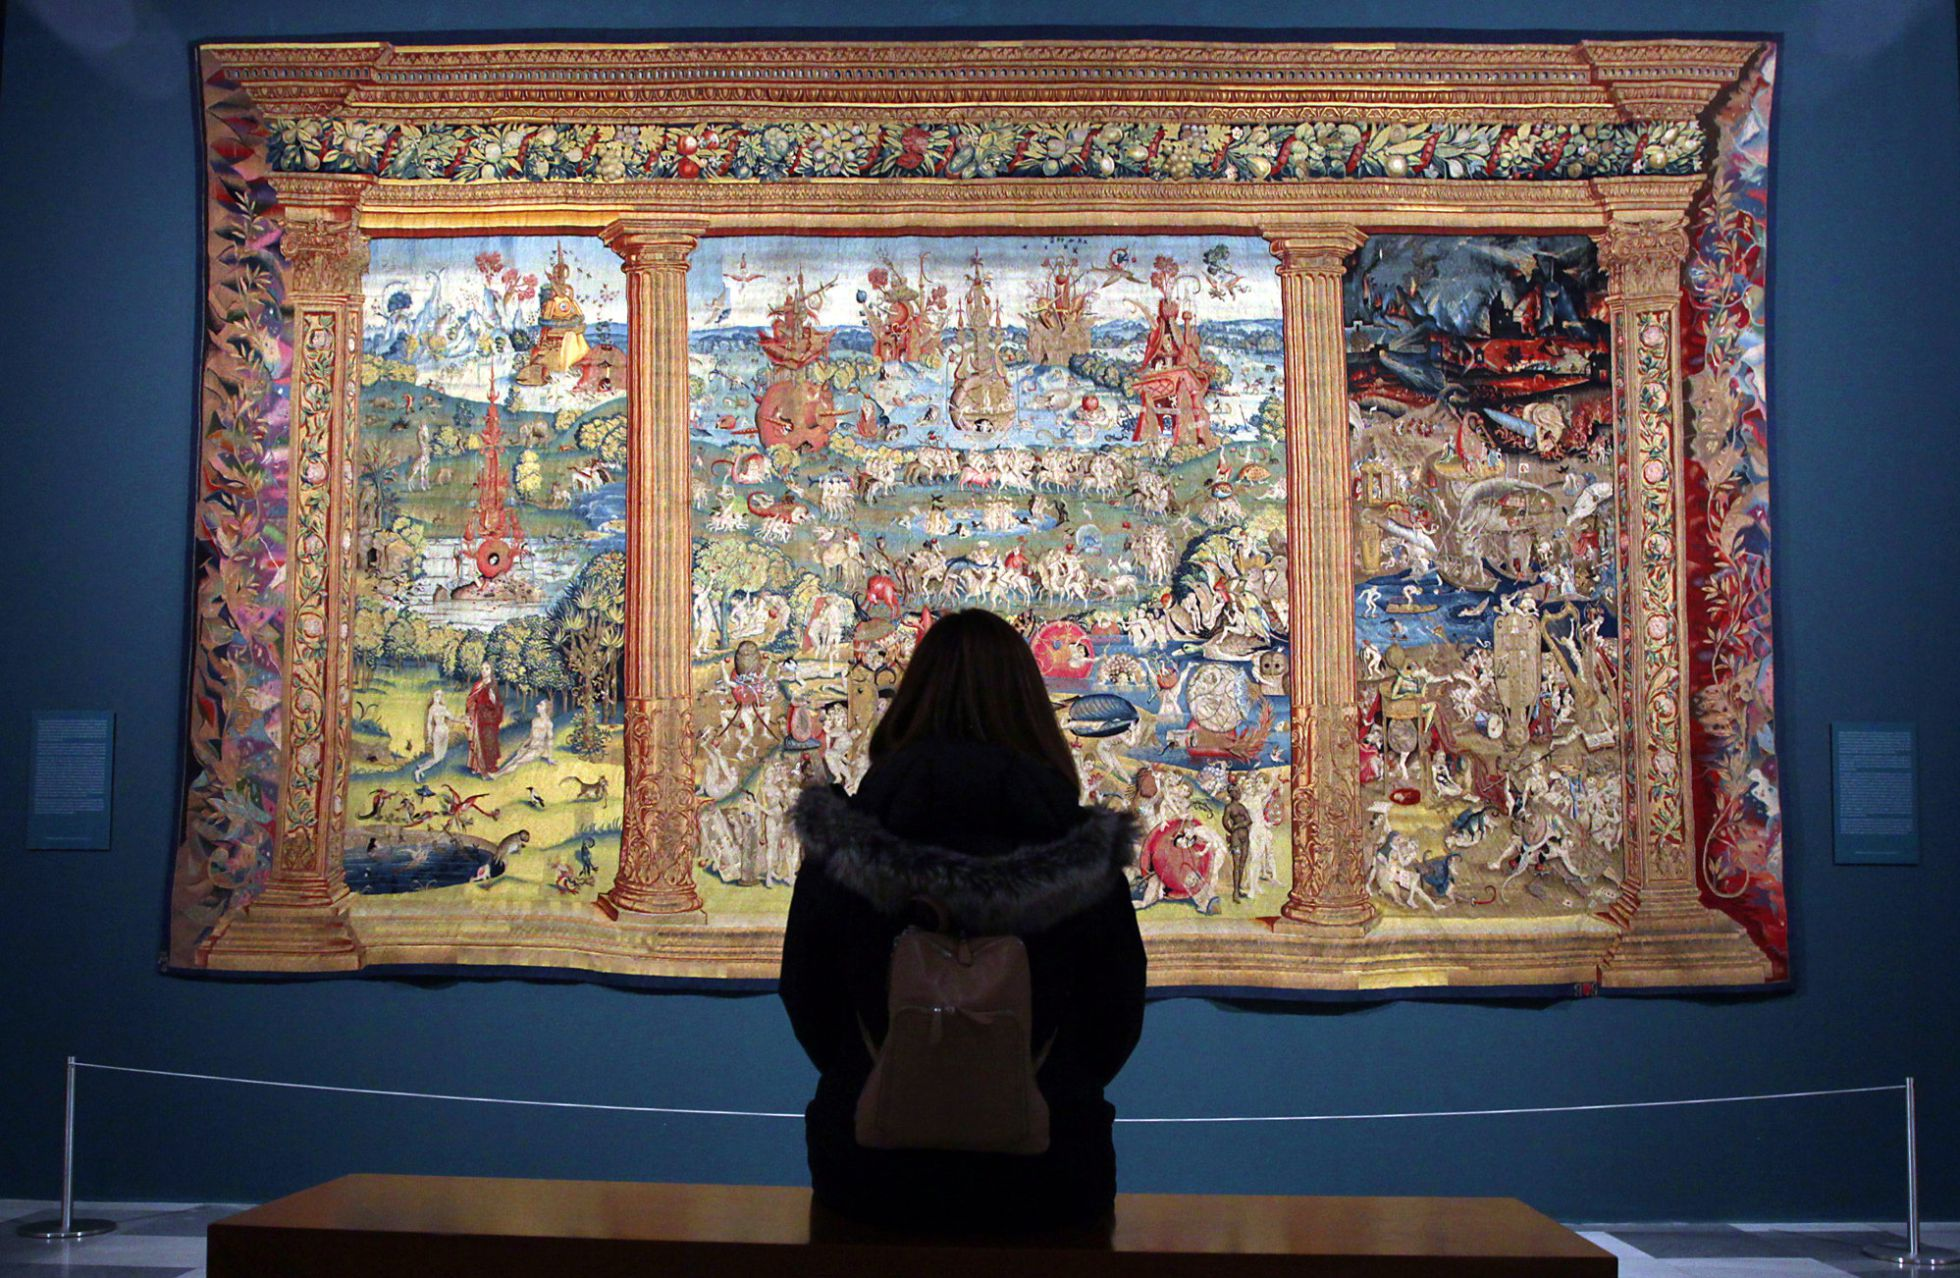 El paraíso, el purgatorio y el infierno', uno de los tapices del Bosco expuesto en el Monasterio de San Lorenzo de El Escorial. Jaime Villanueva